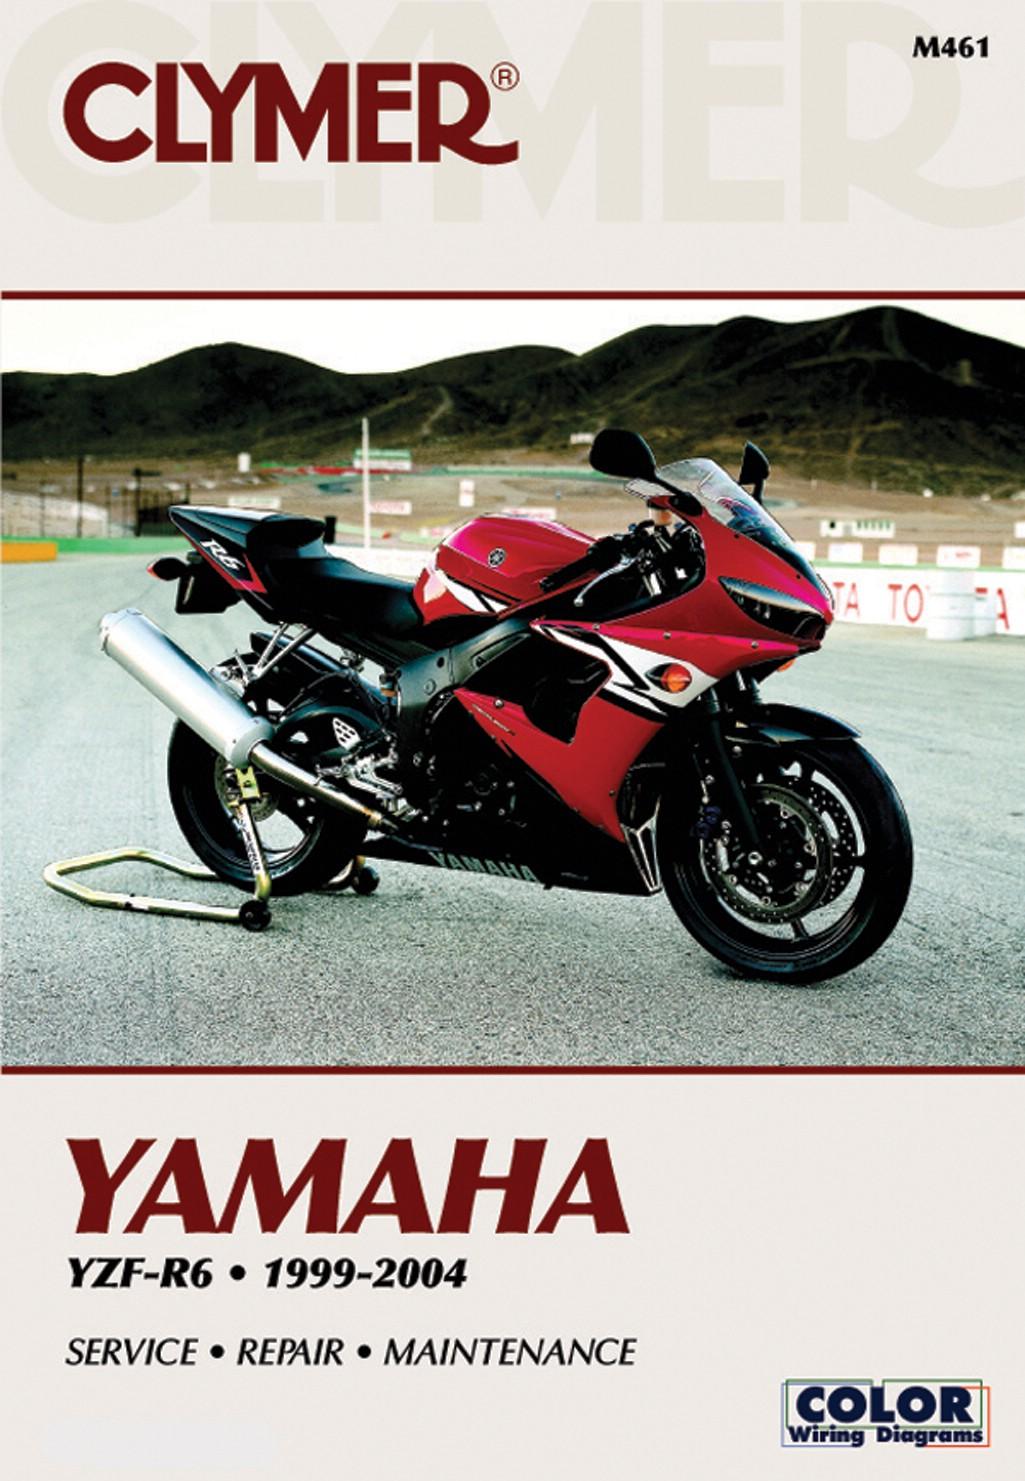 Image is loading Yamaha-YZF-R6-UK-1999-2004-Manuals-Clymer-